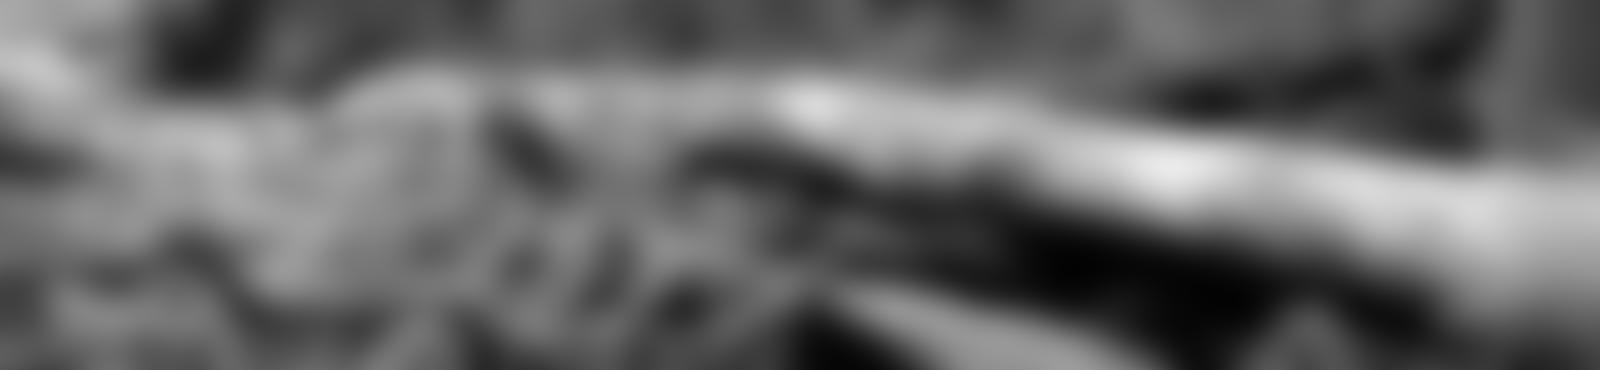 Blurred 745db30f dec0 4f60 9ac4 6105d85d037c